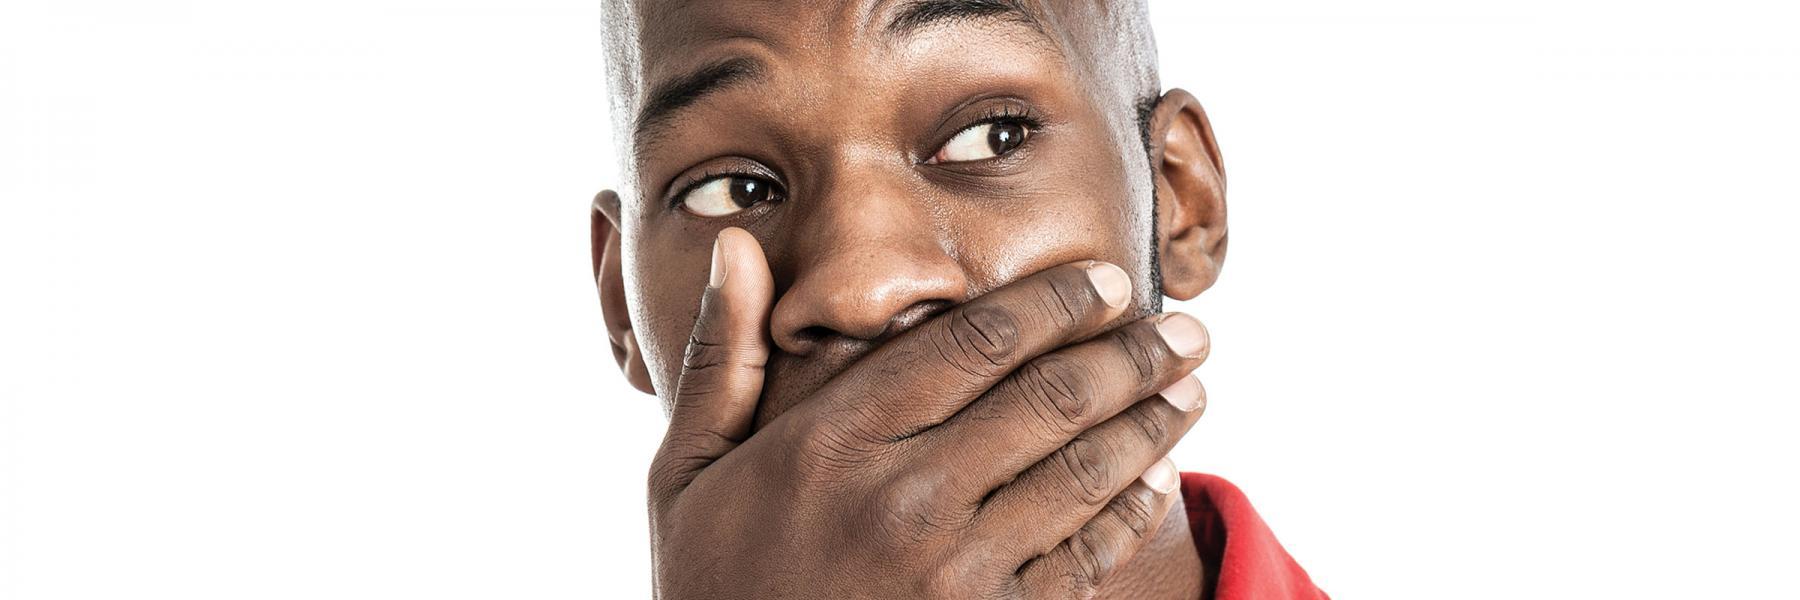 Positively Aware To Speak or Not to Speak